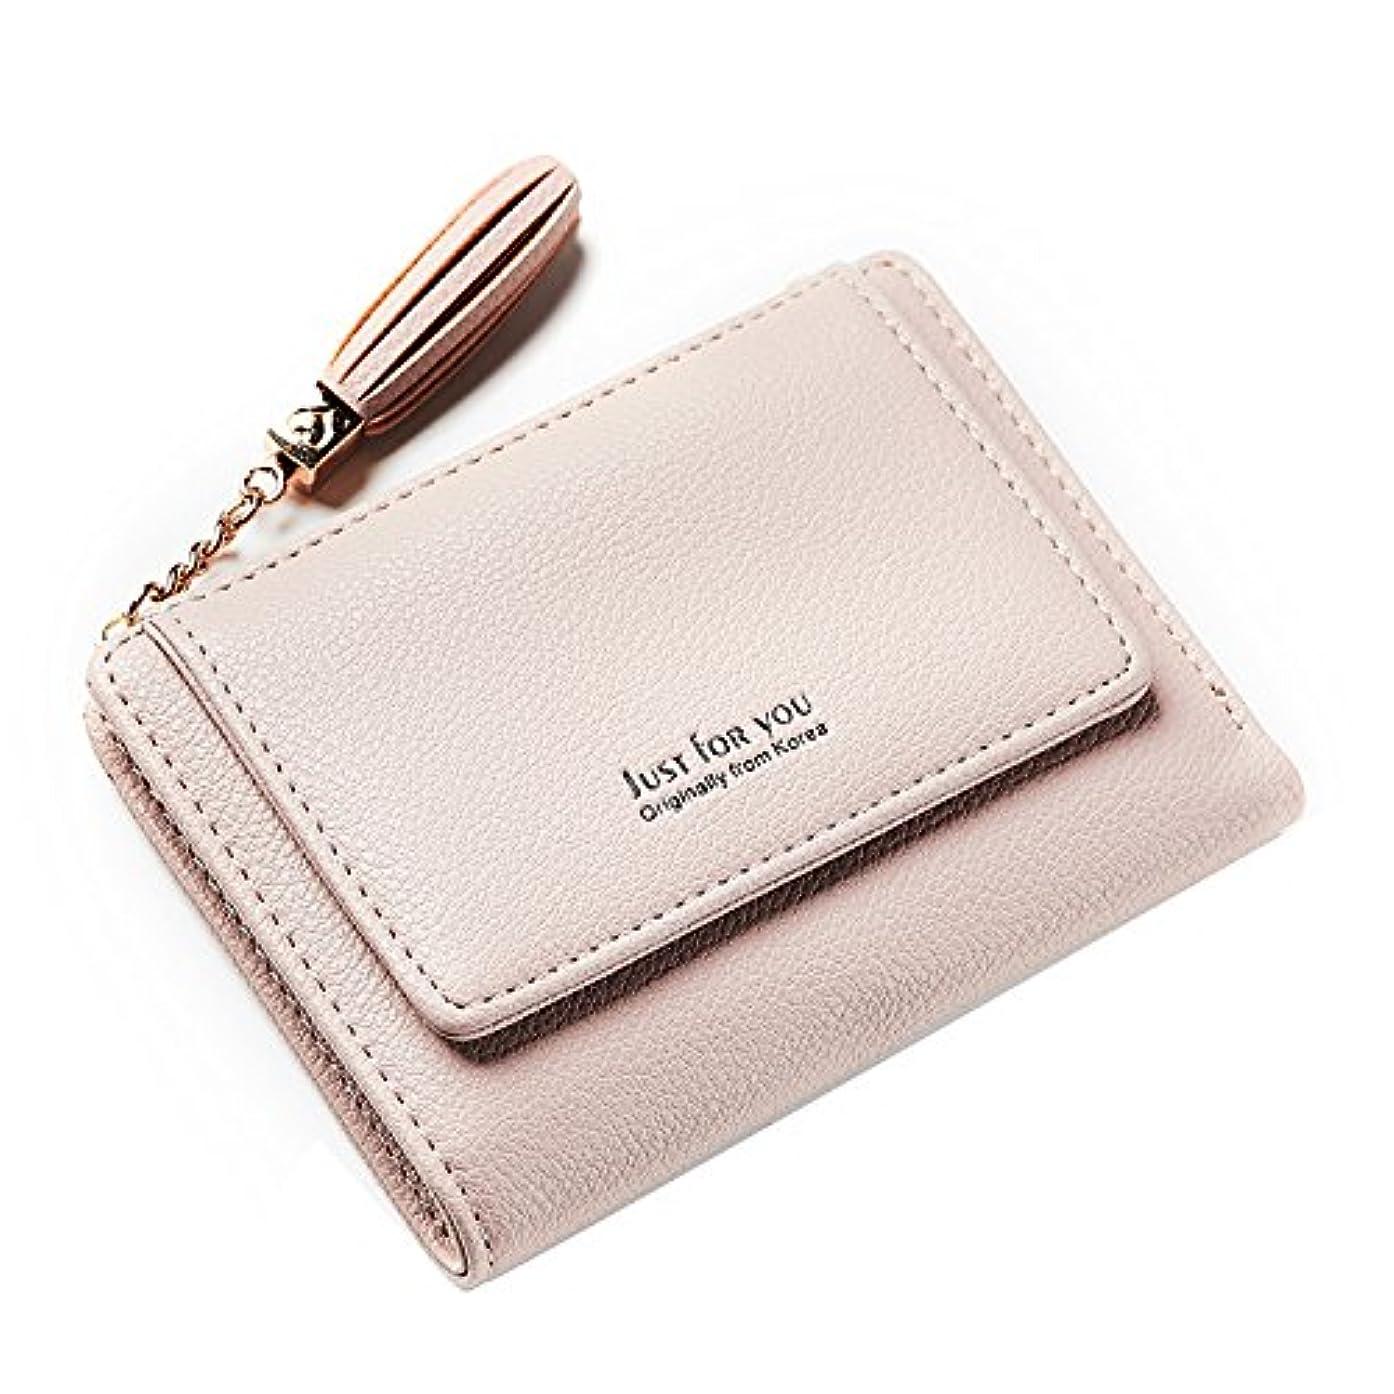 援助する灰地理TcIFE ミニ財布 レディース 二つ折り 人気 小さい二つ折り財布 がま口小銭入れ 女性用 友達 家族にプレゼント